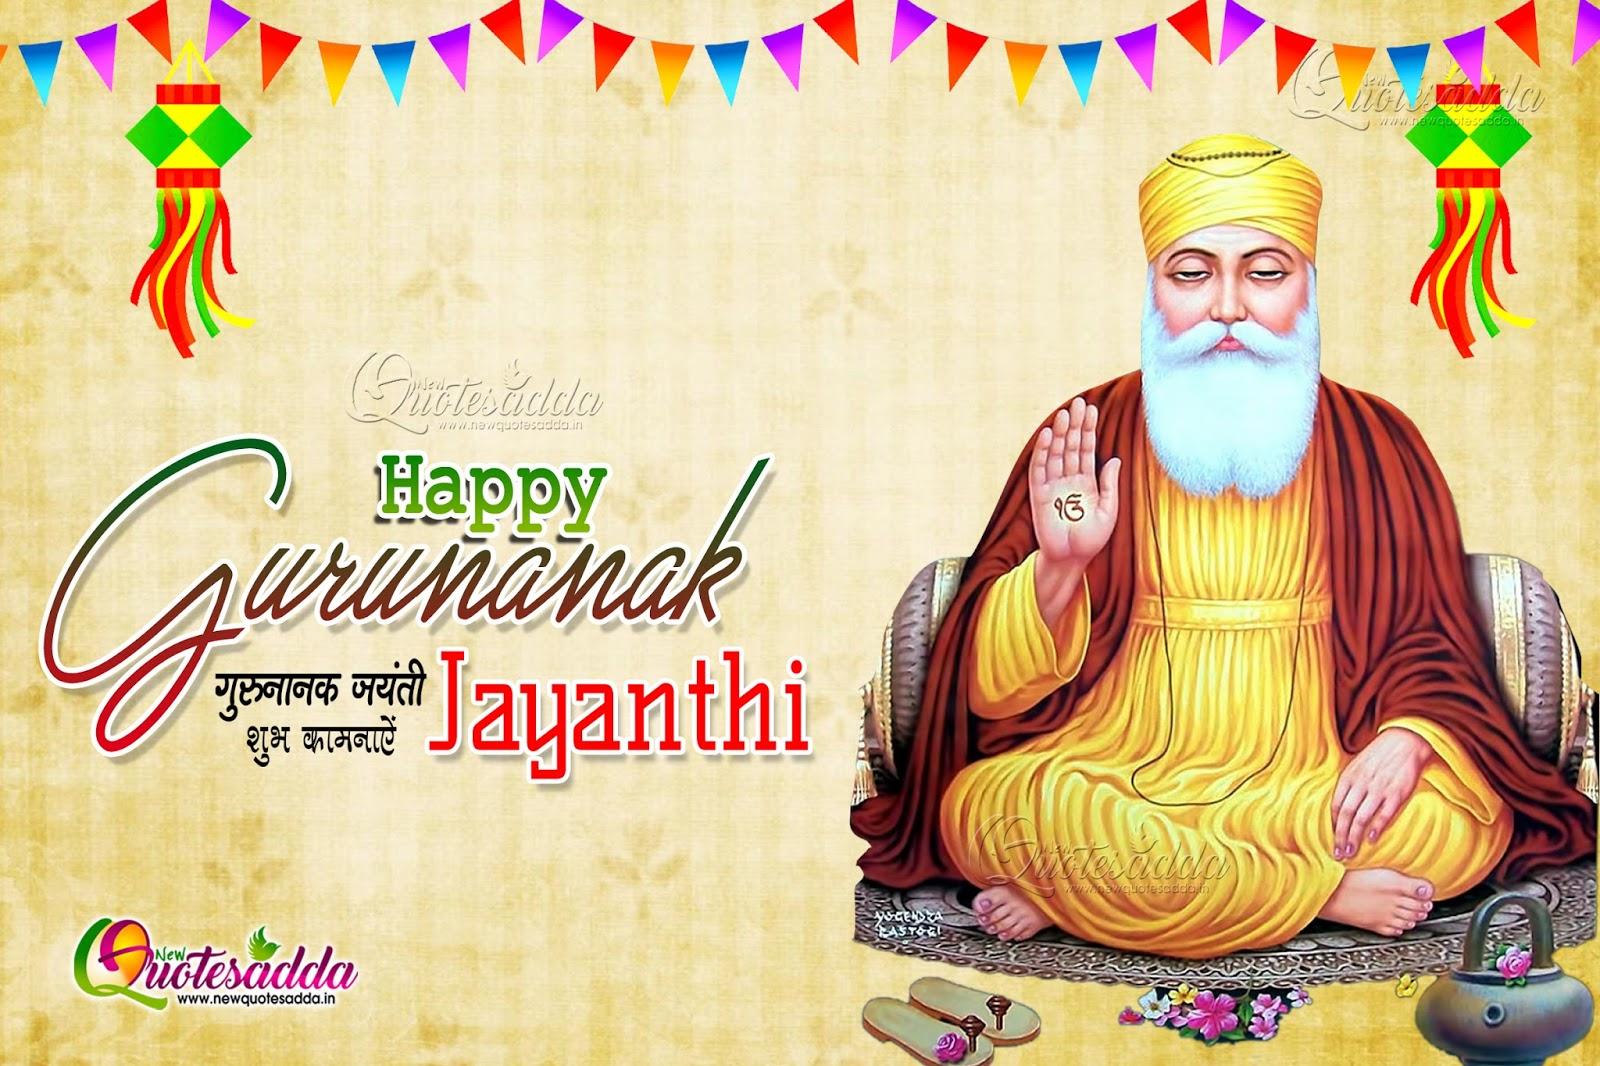 Happy Guru Nanak Jayanthi Quotes And Greetings Hd Images Newquotesadda